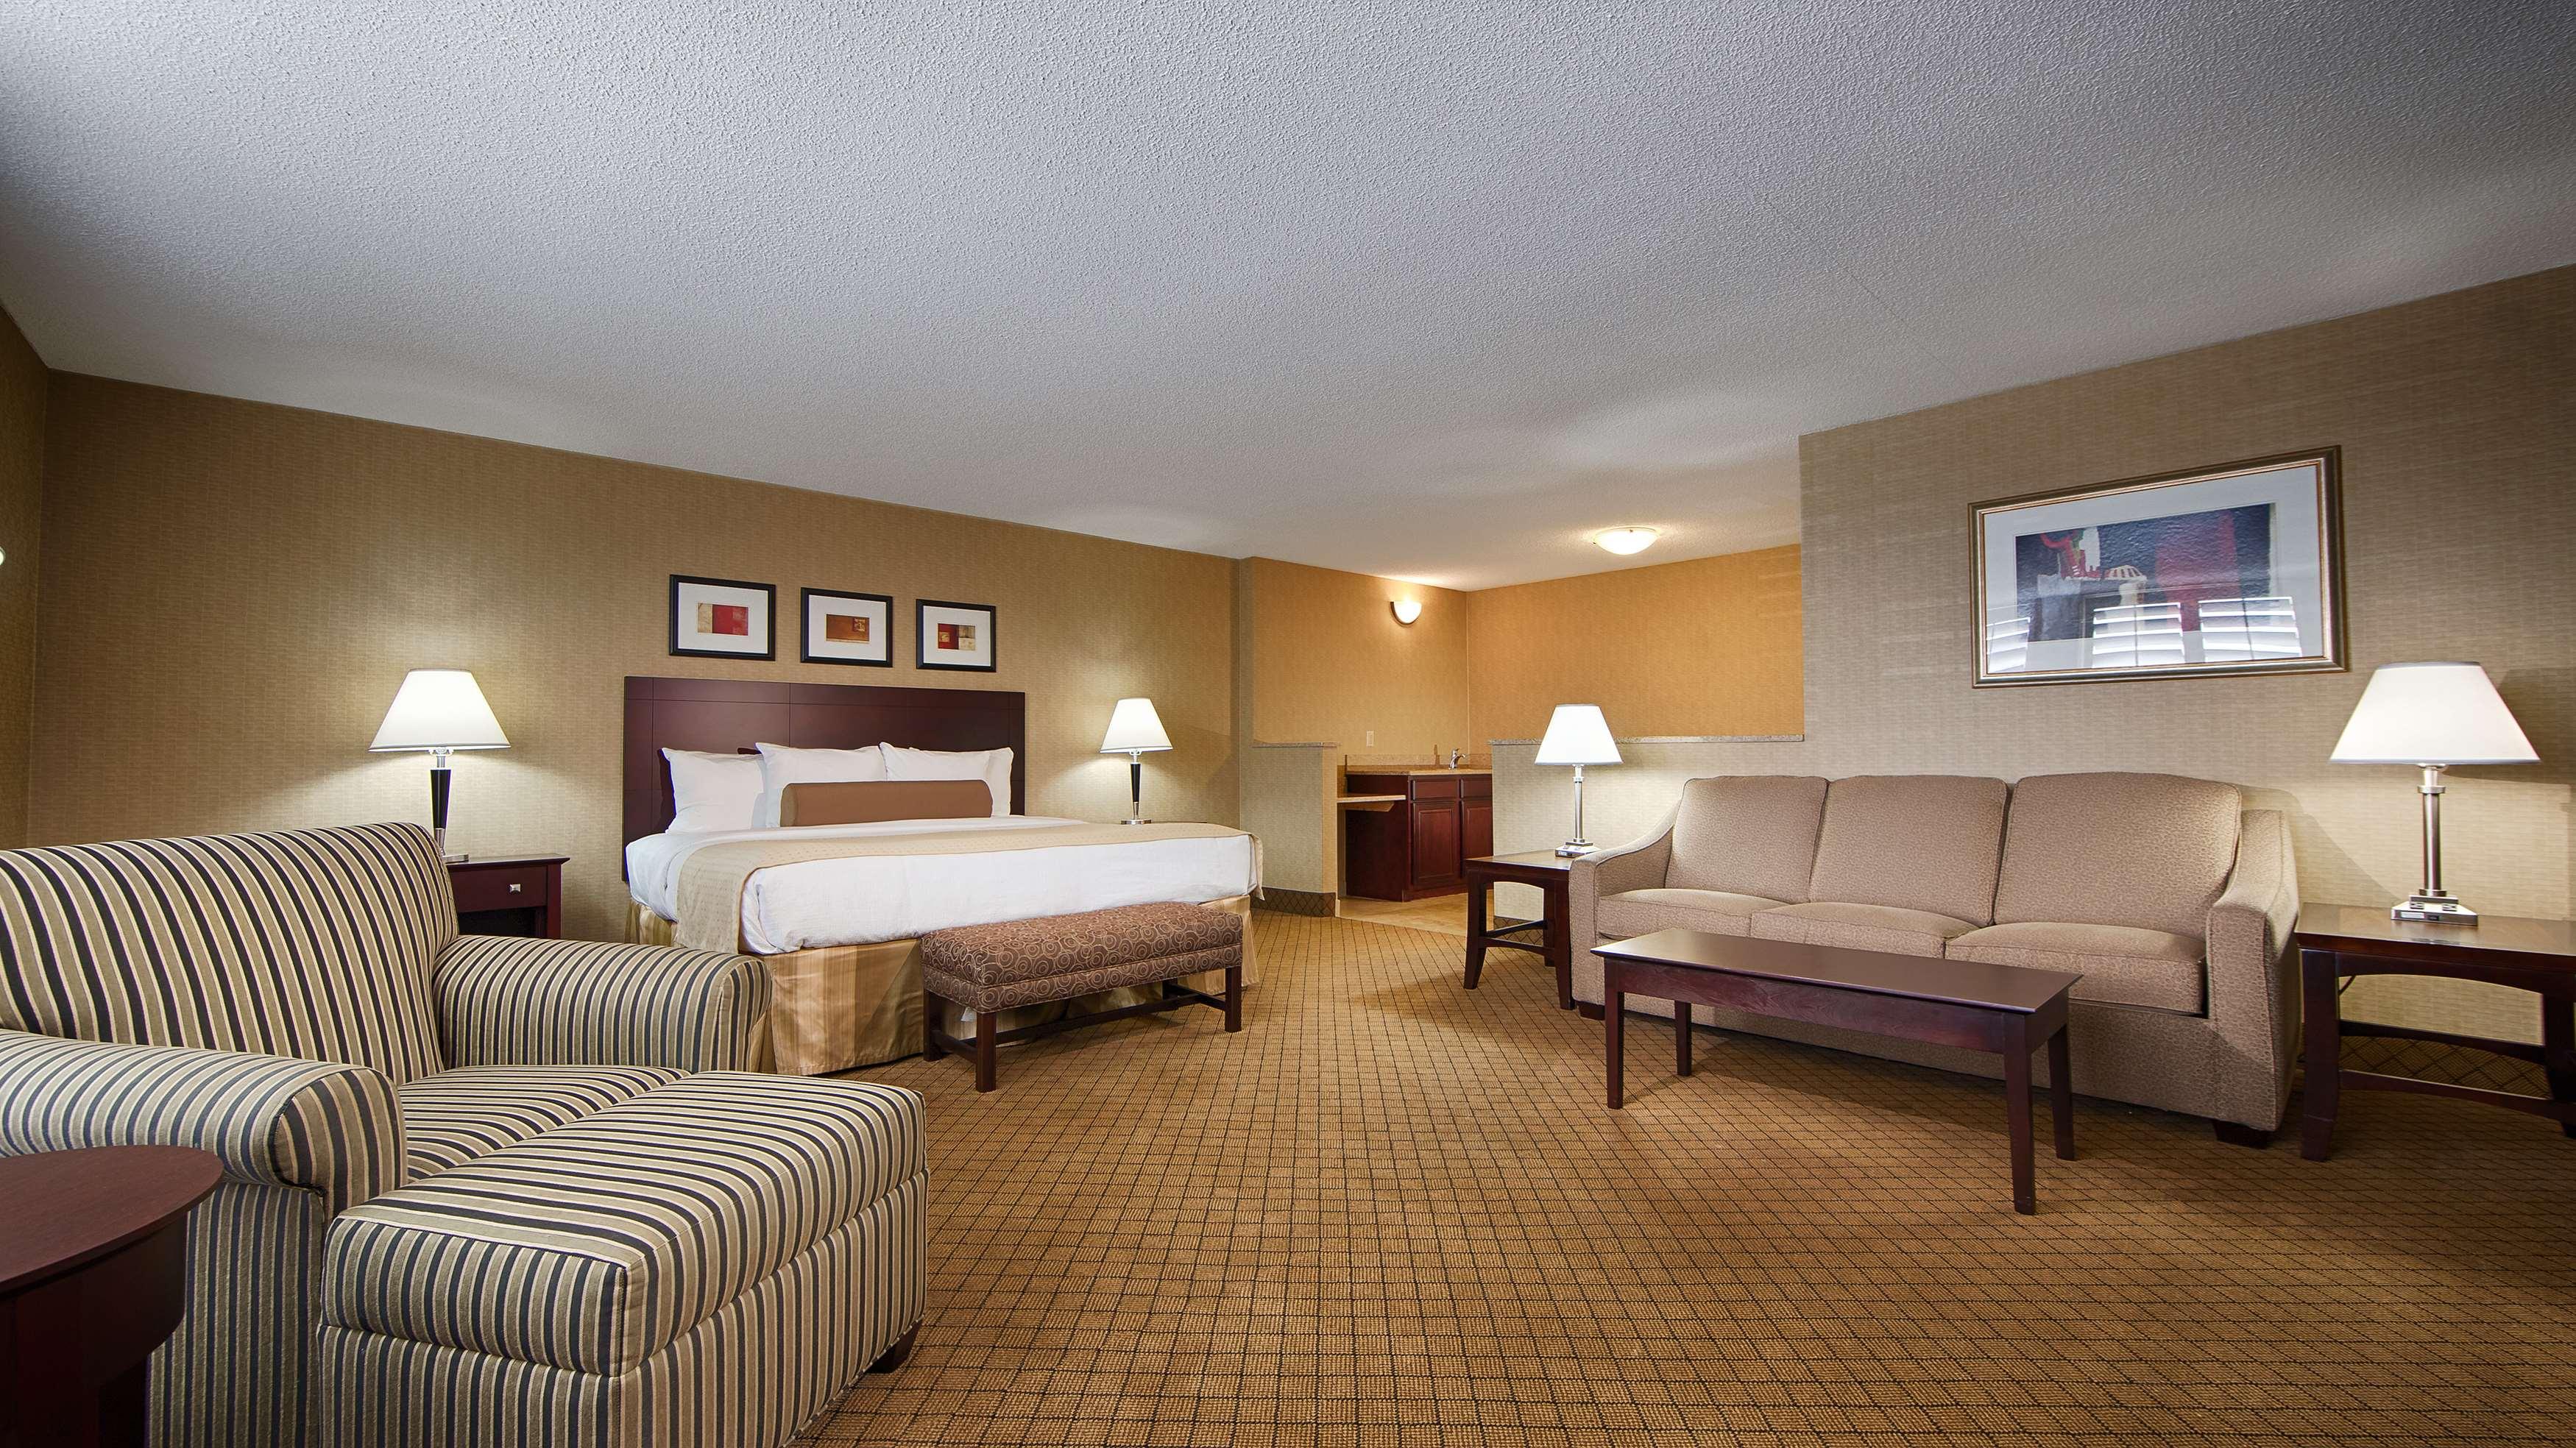 Image Result For Holiday Inn York Ne